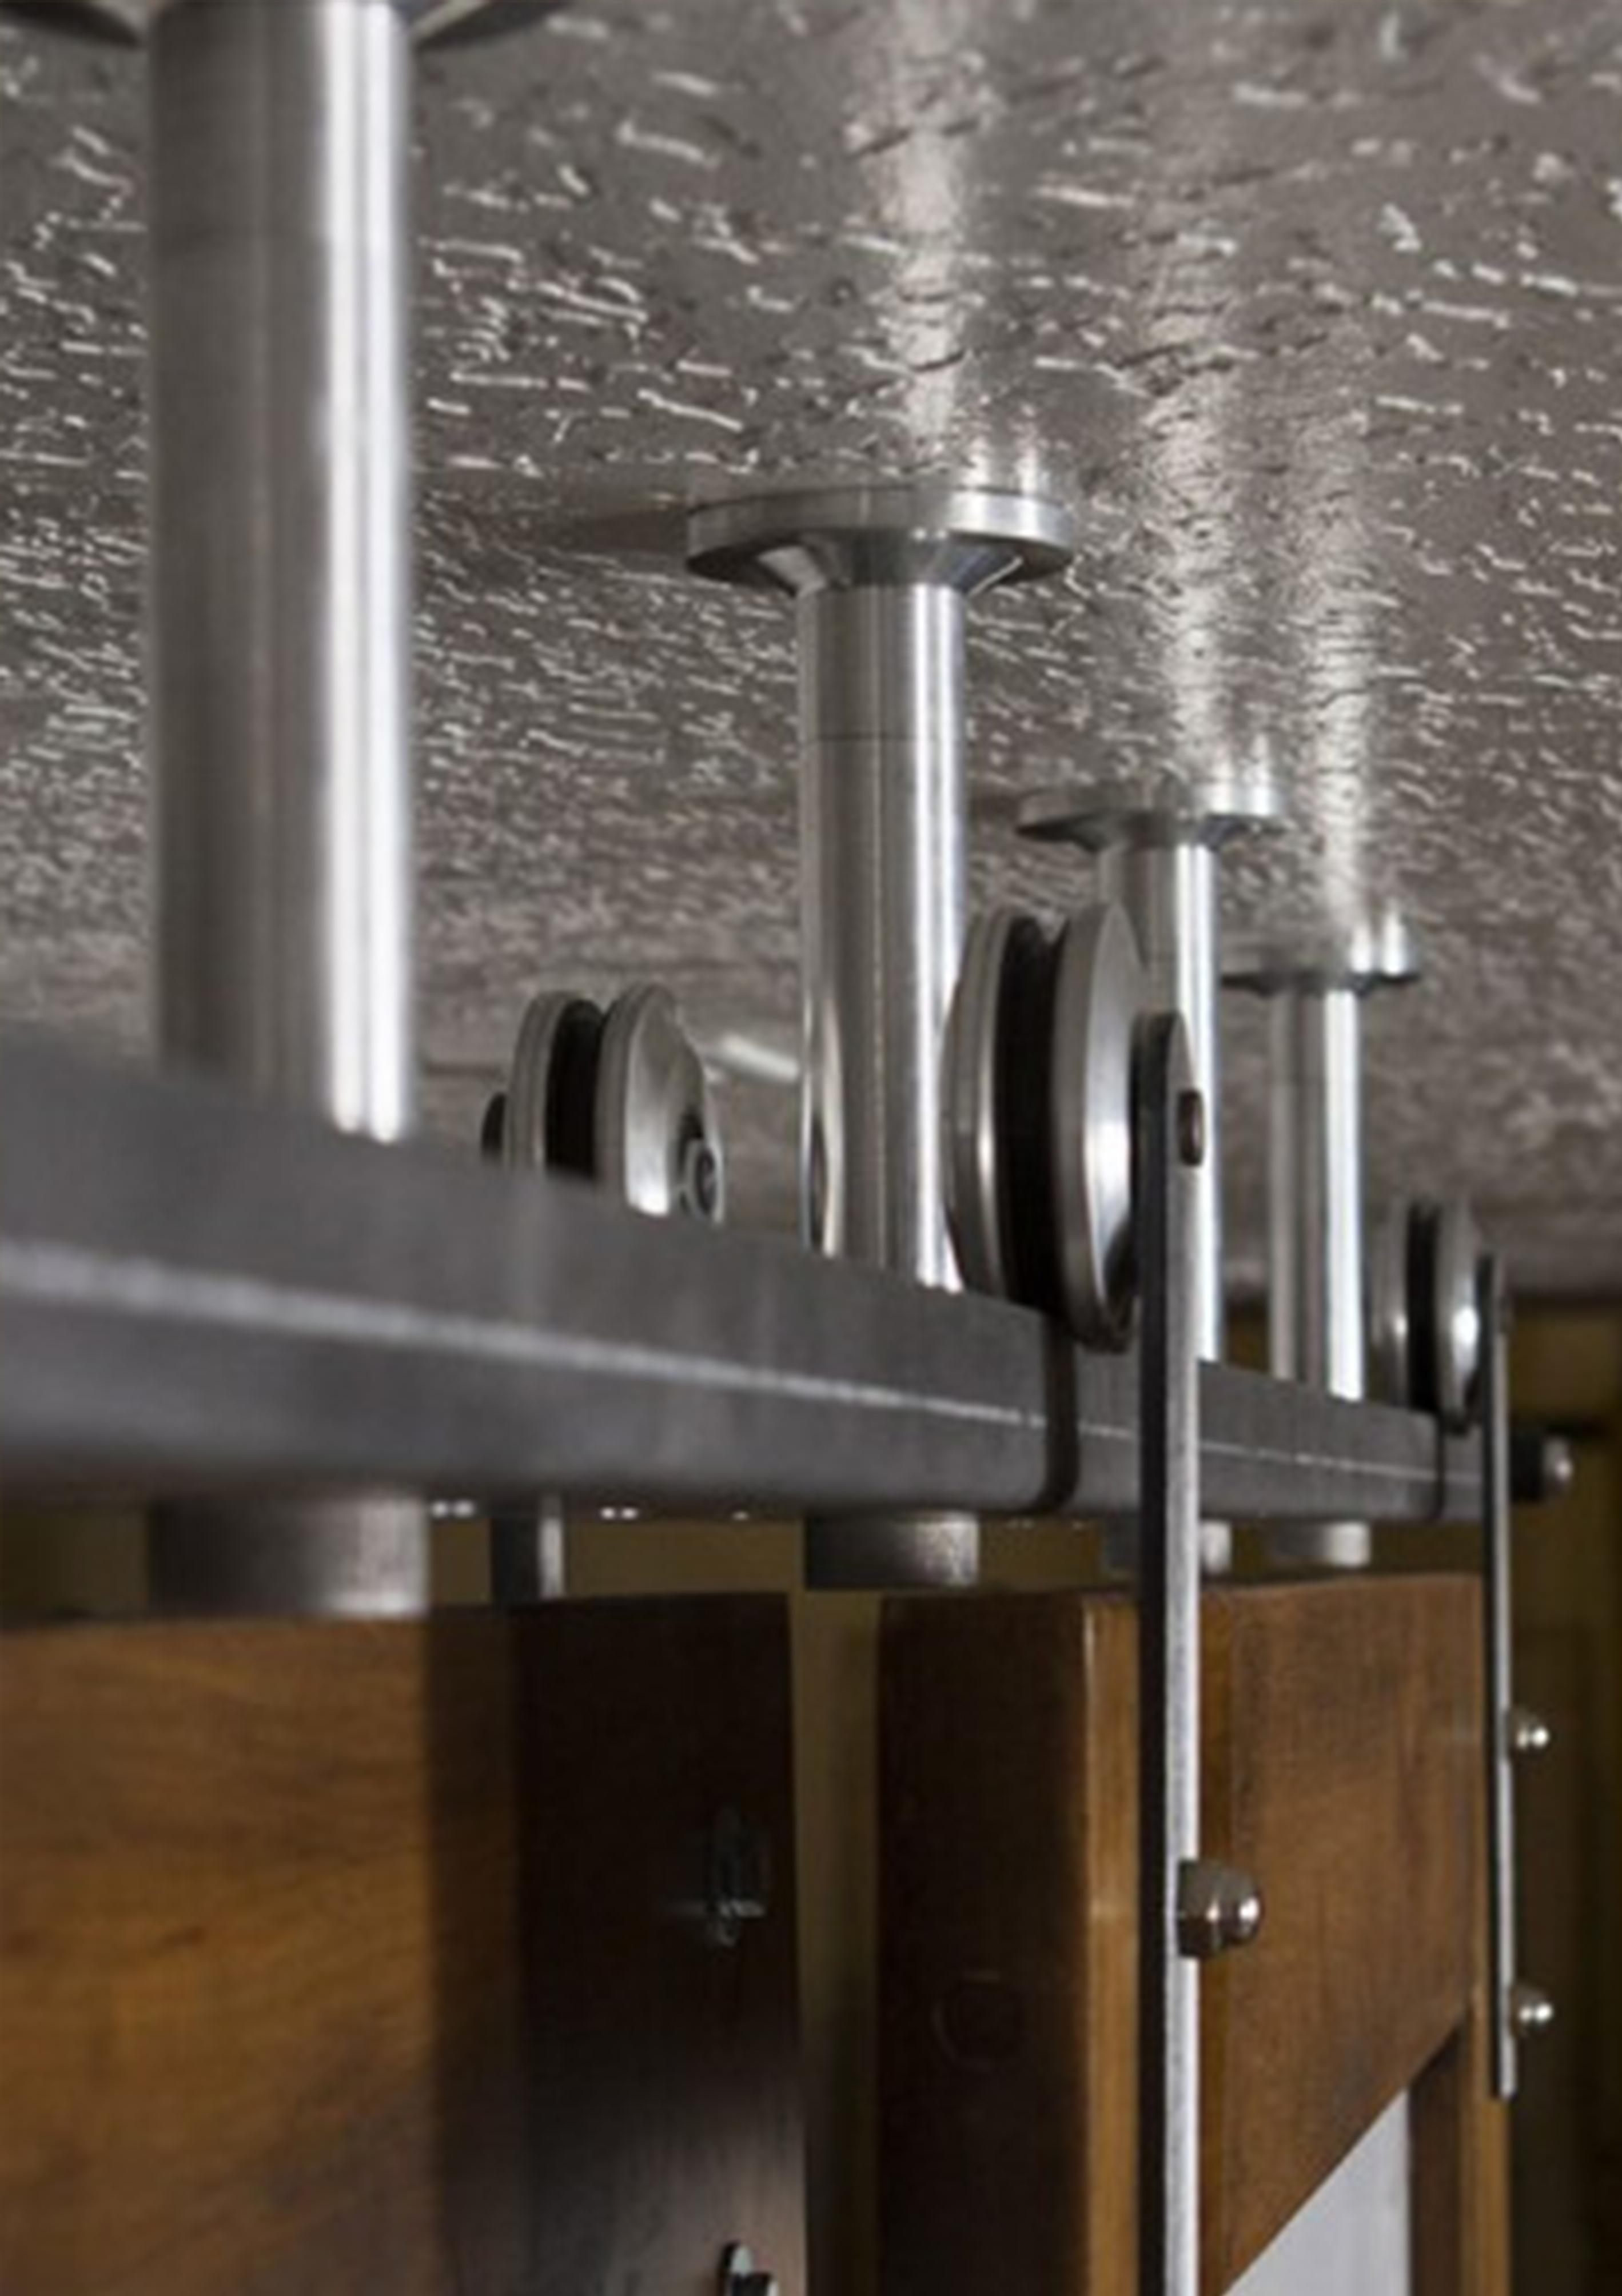 Barn Door Hardware, Tracks, Handles & Pulls | Rustica